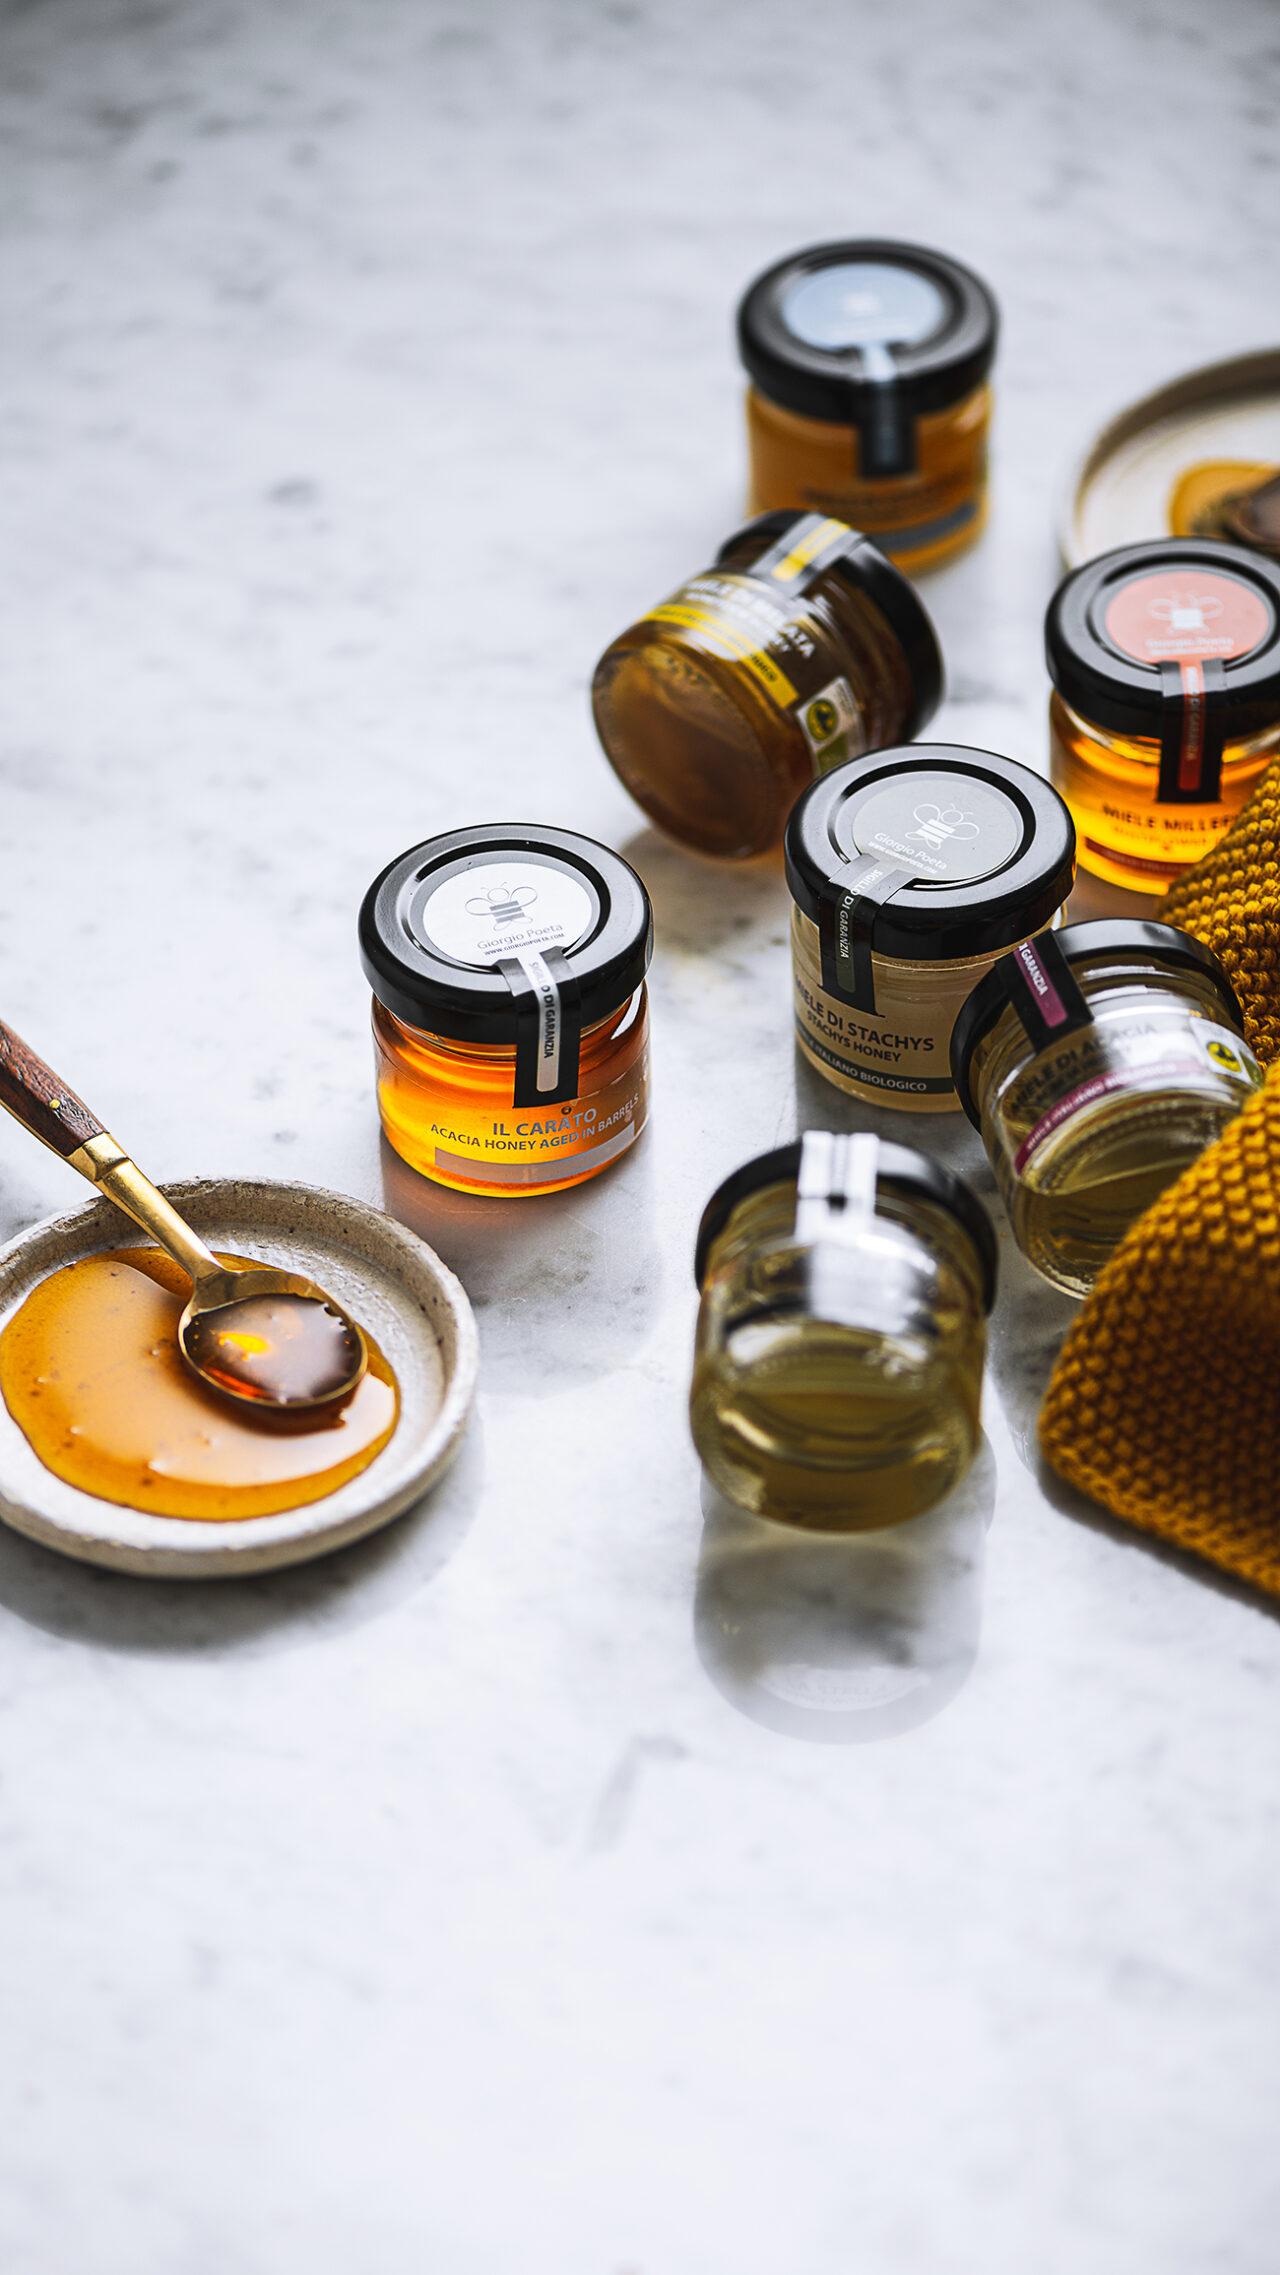 Giorgio poeta miele by Fancy Lab di Alessandro Zaccaro